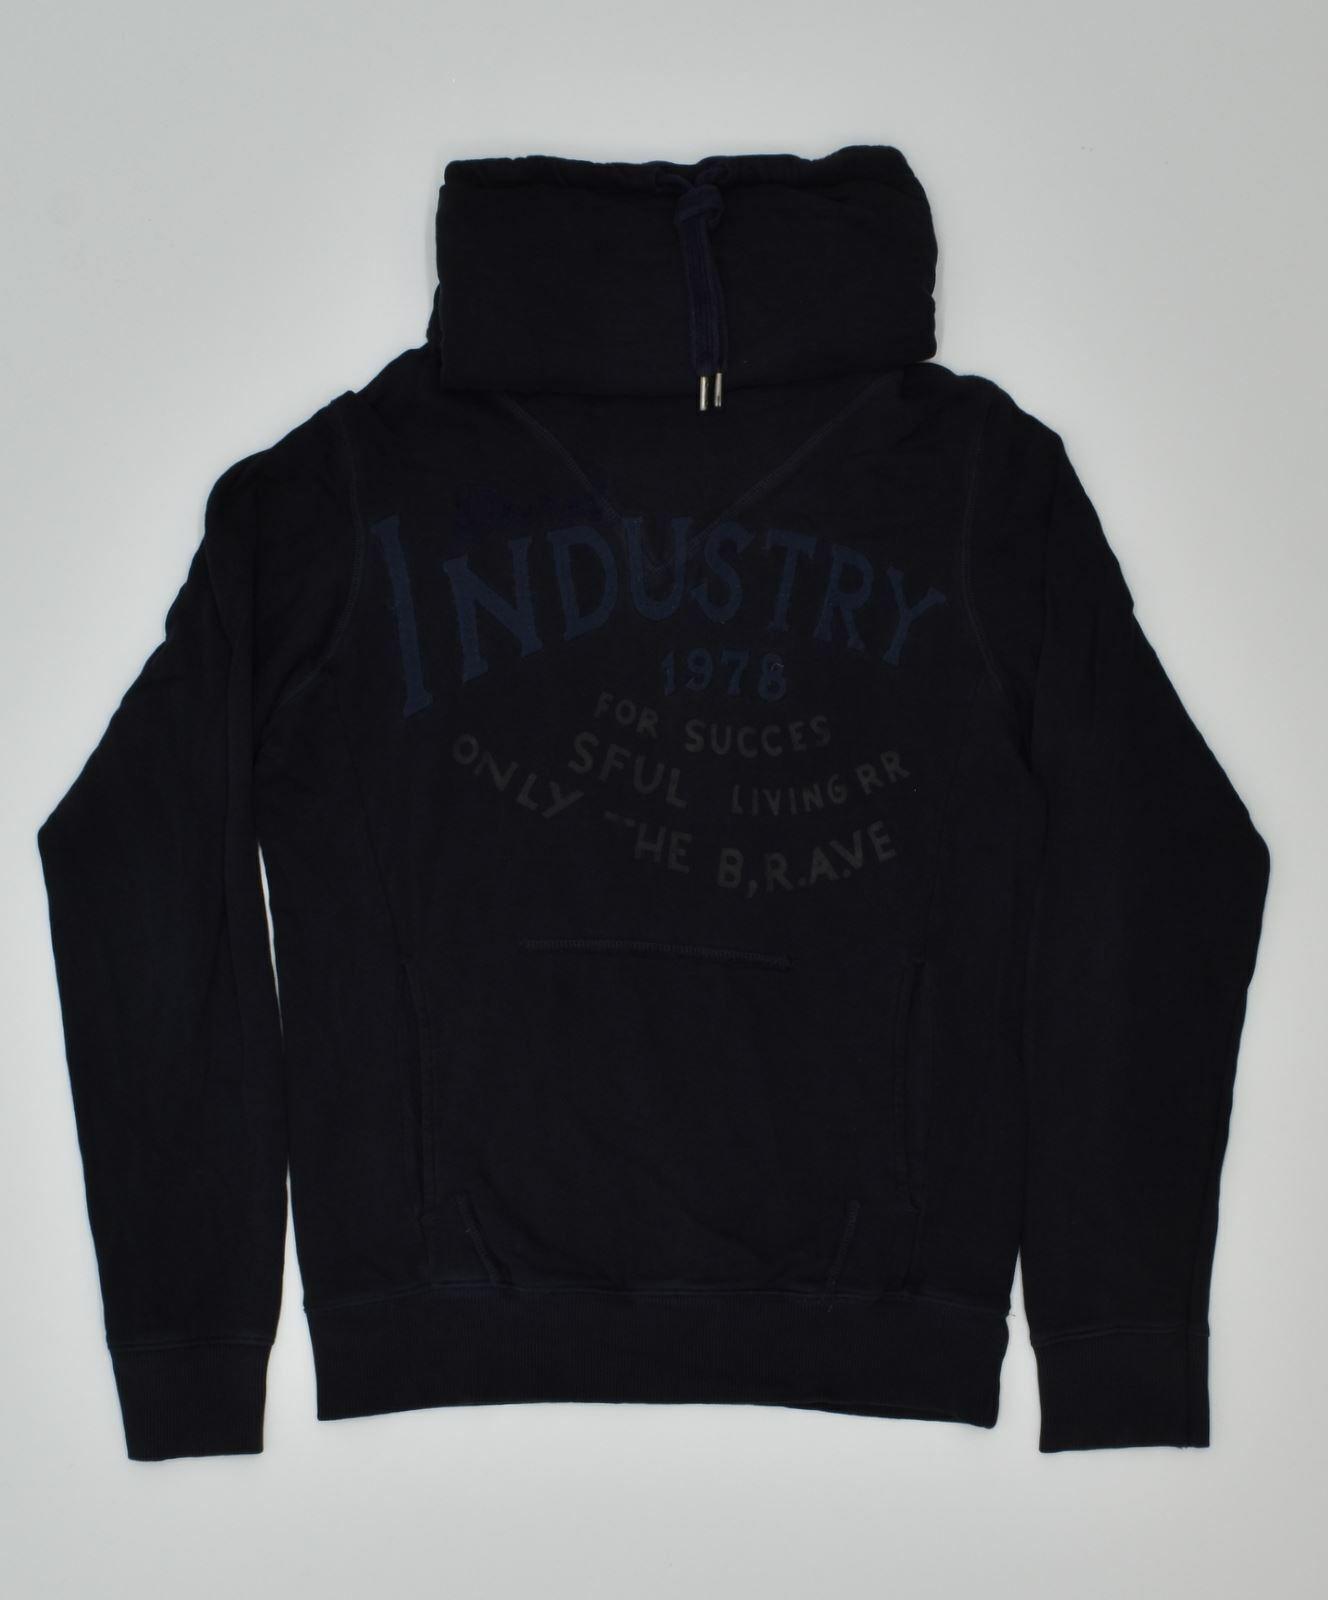 DIESEL Mens Sweatshirt Jumper Medium Navy Blue GN10